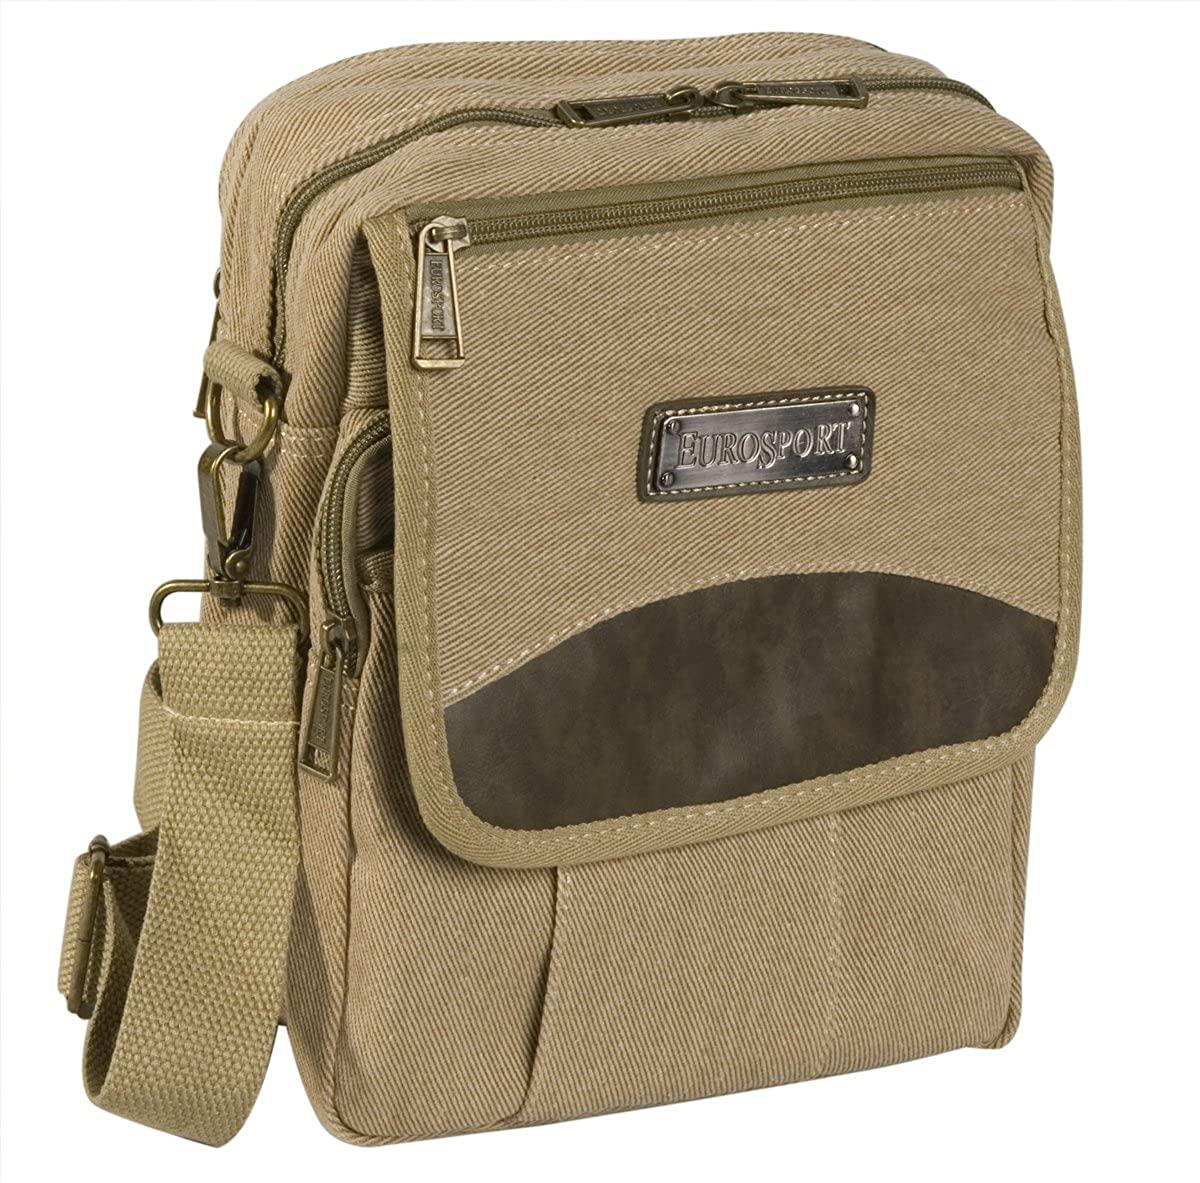 Eurosport Canvas Cross Body Bag, B400-Khaki.